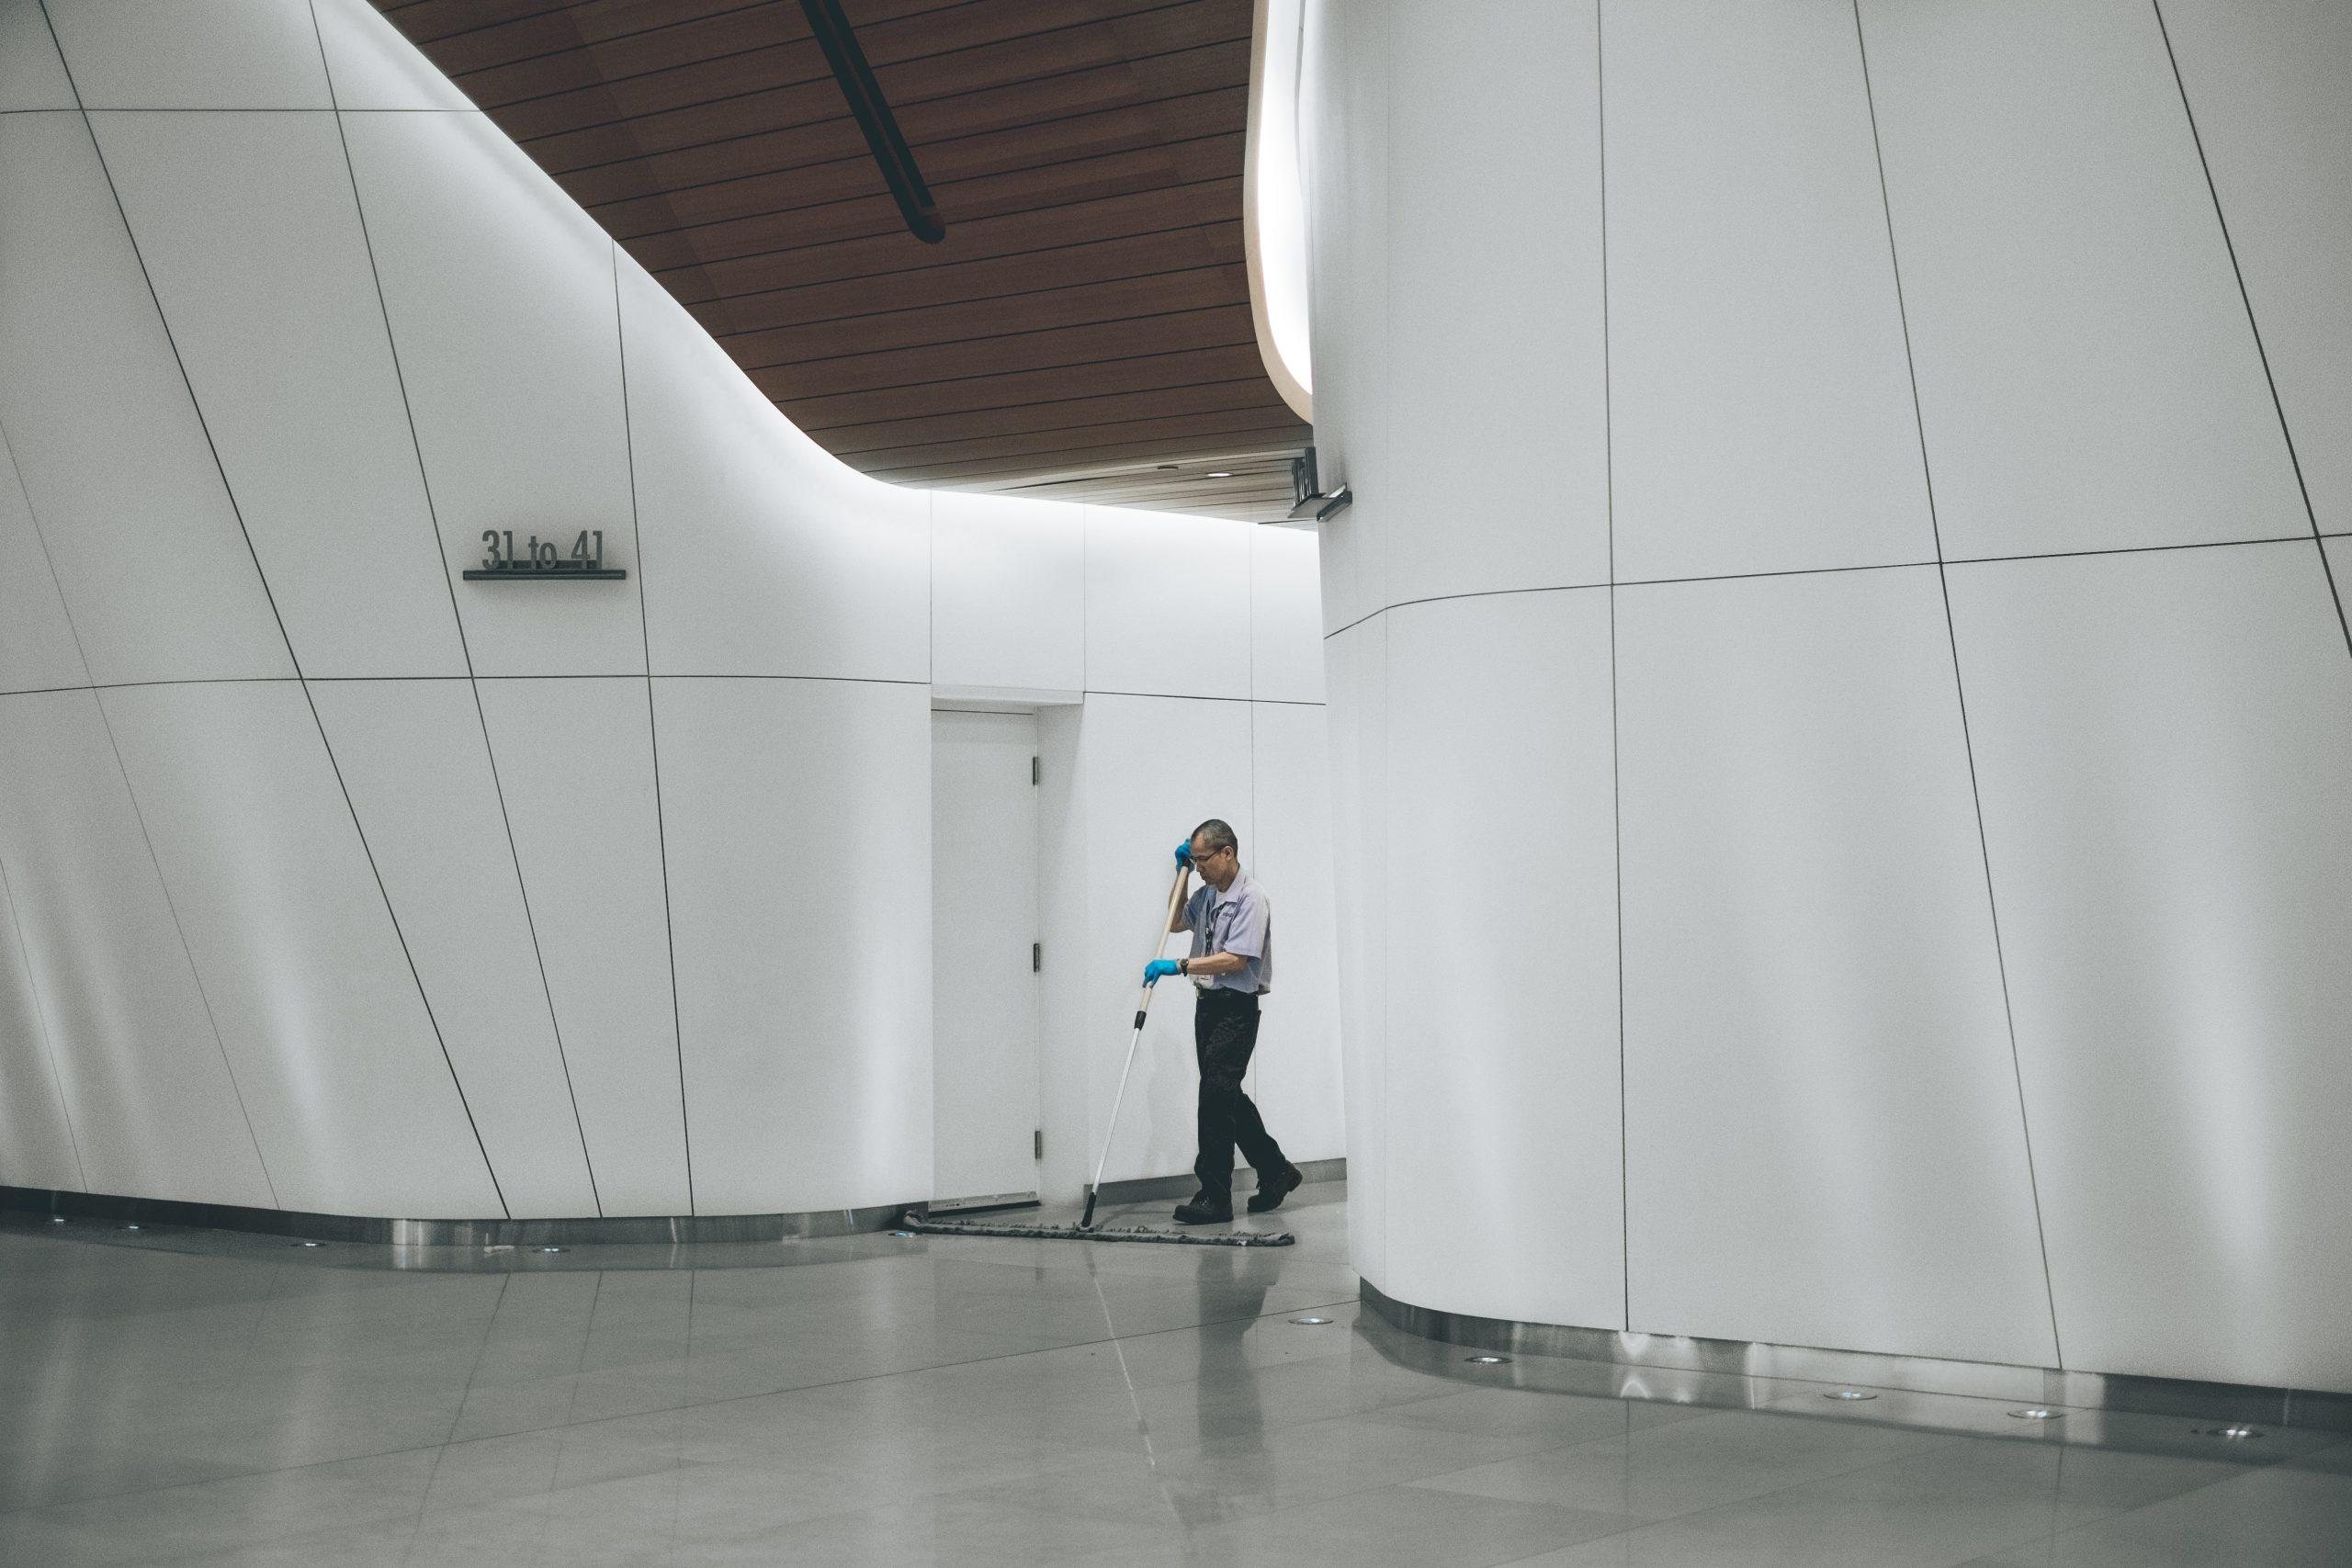 verne ho MwW zrkYSIU unsplash scaled - En ren arbejdsplads er vigtig for medarbejdernes trivsel